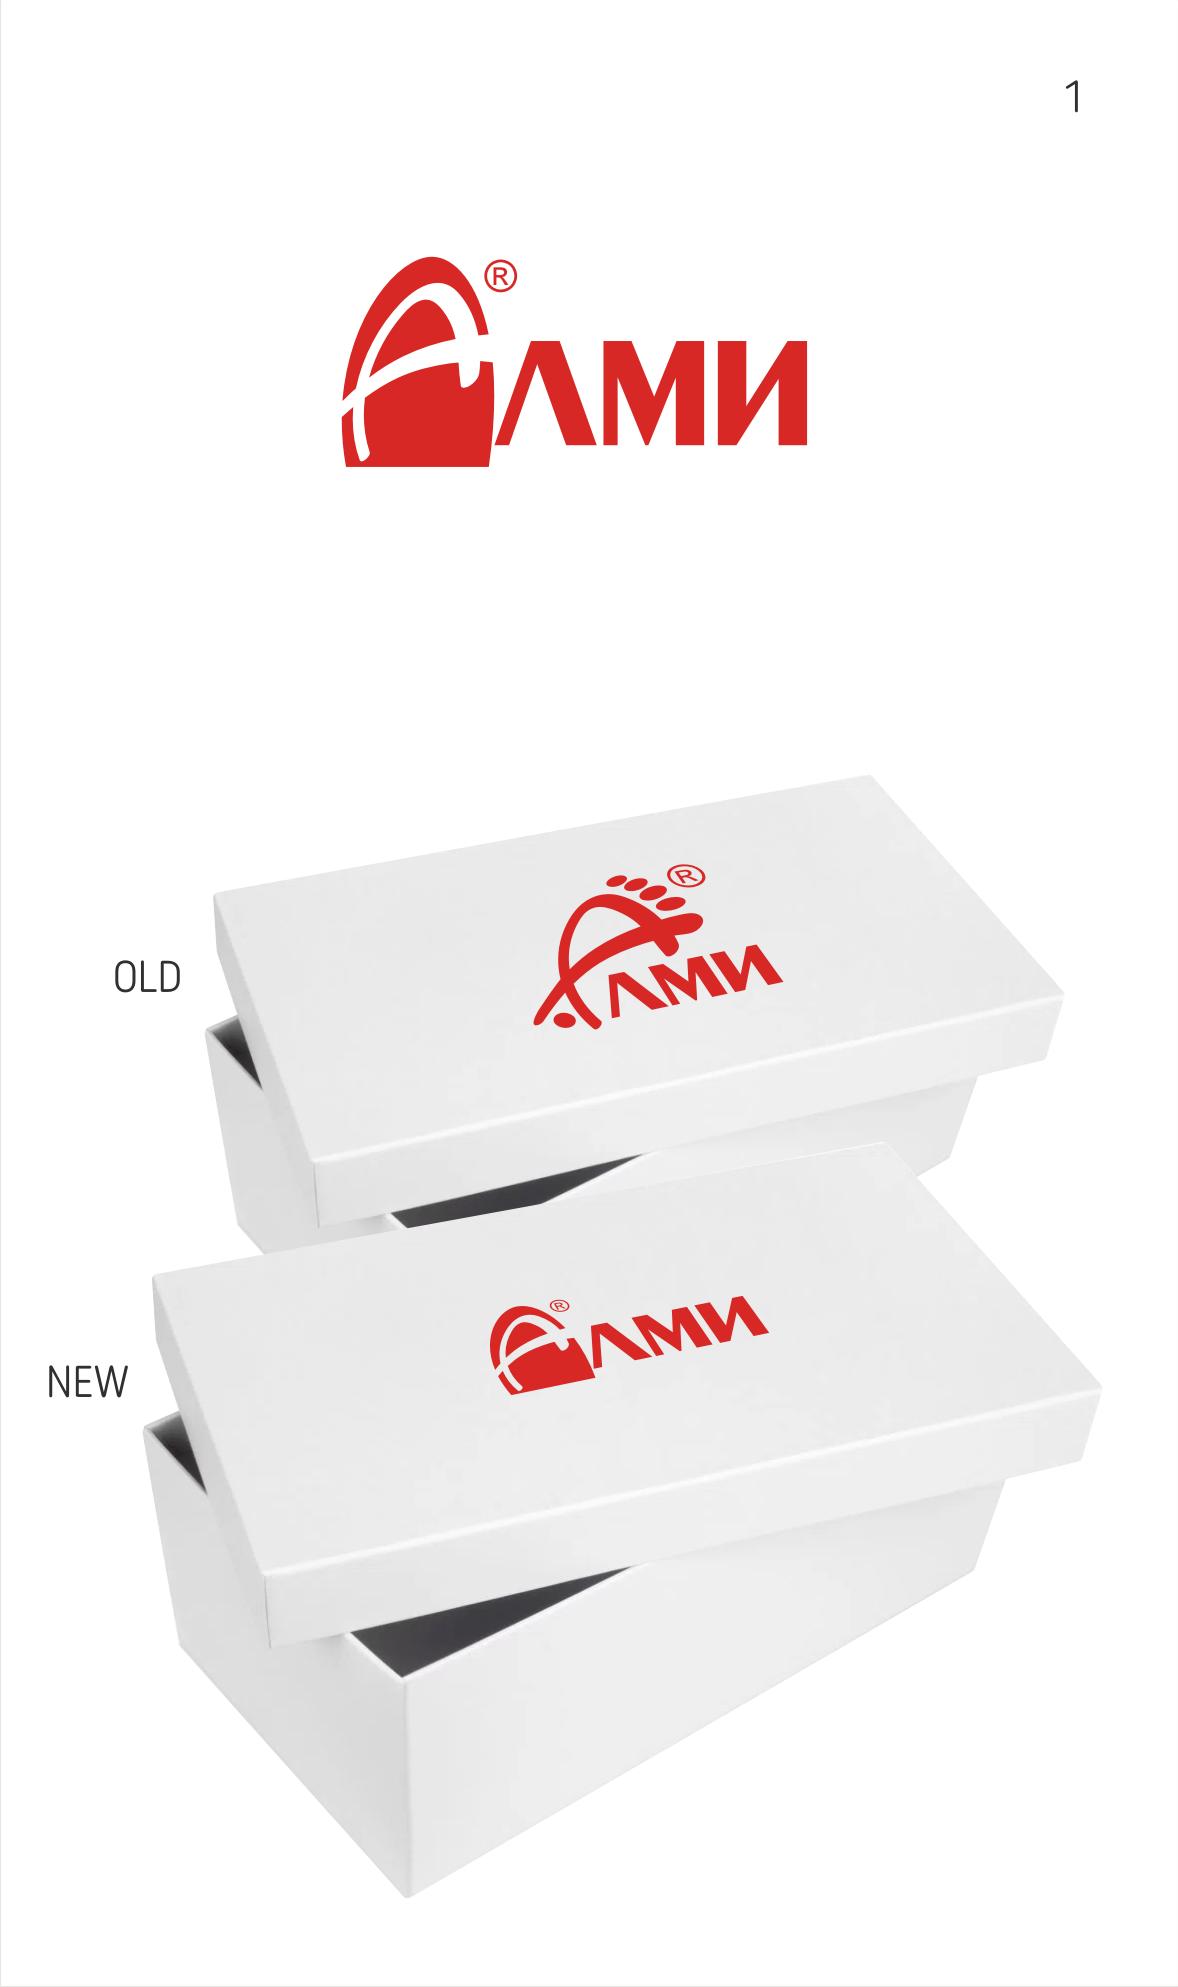 Дизайн логотипа обувной марки Алми фото f_72359f4411b8eb52.png